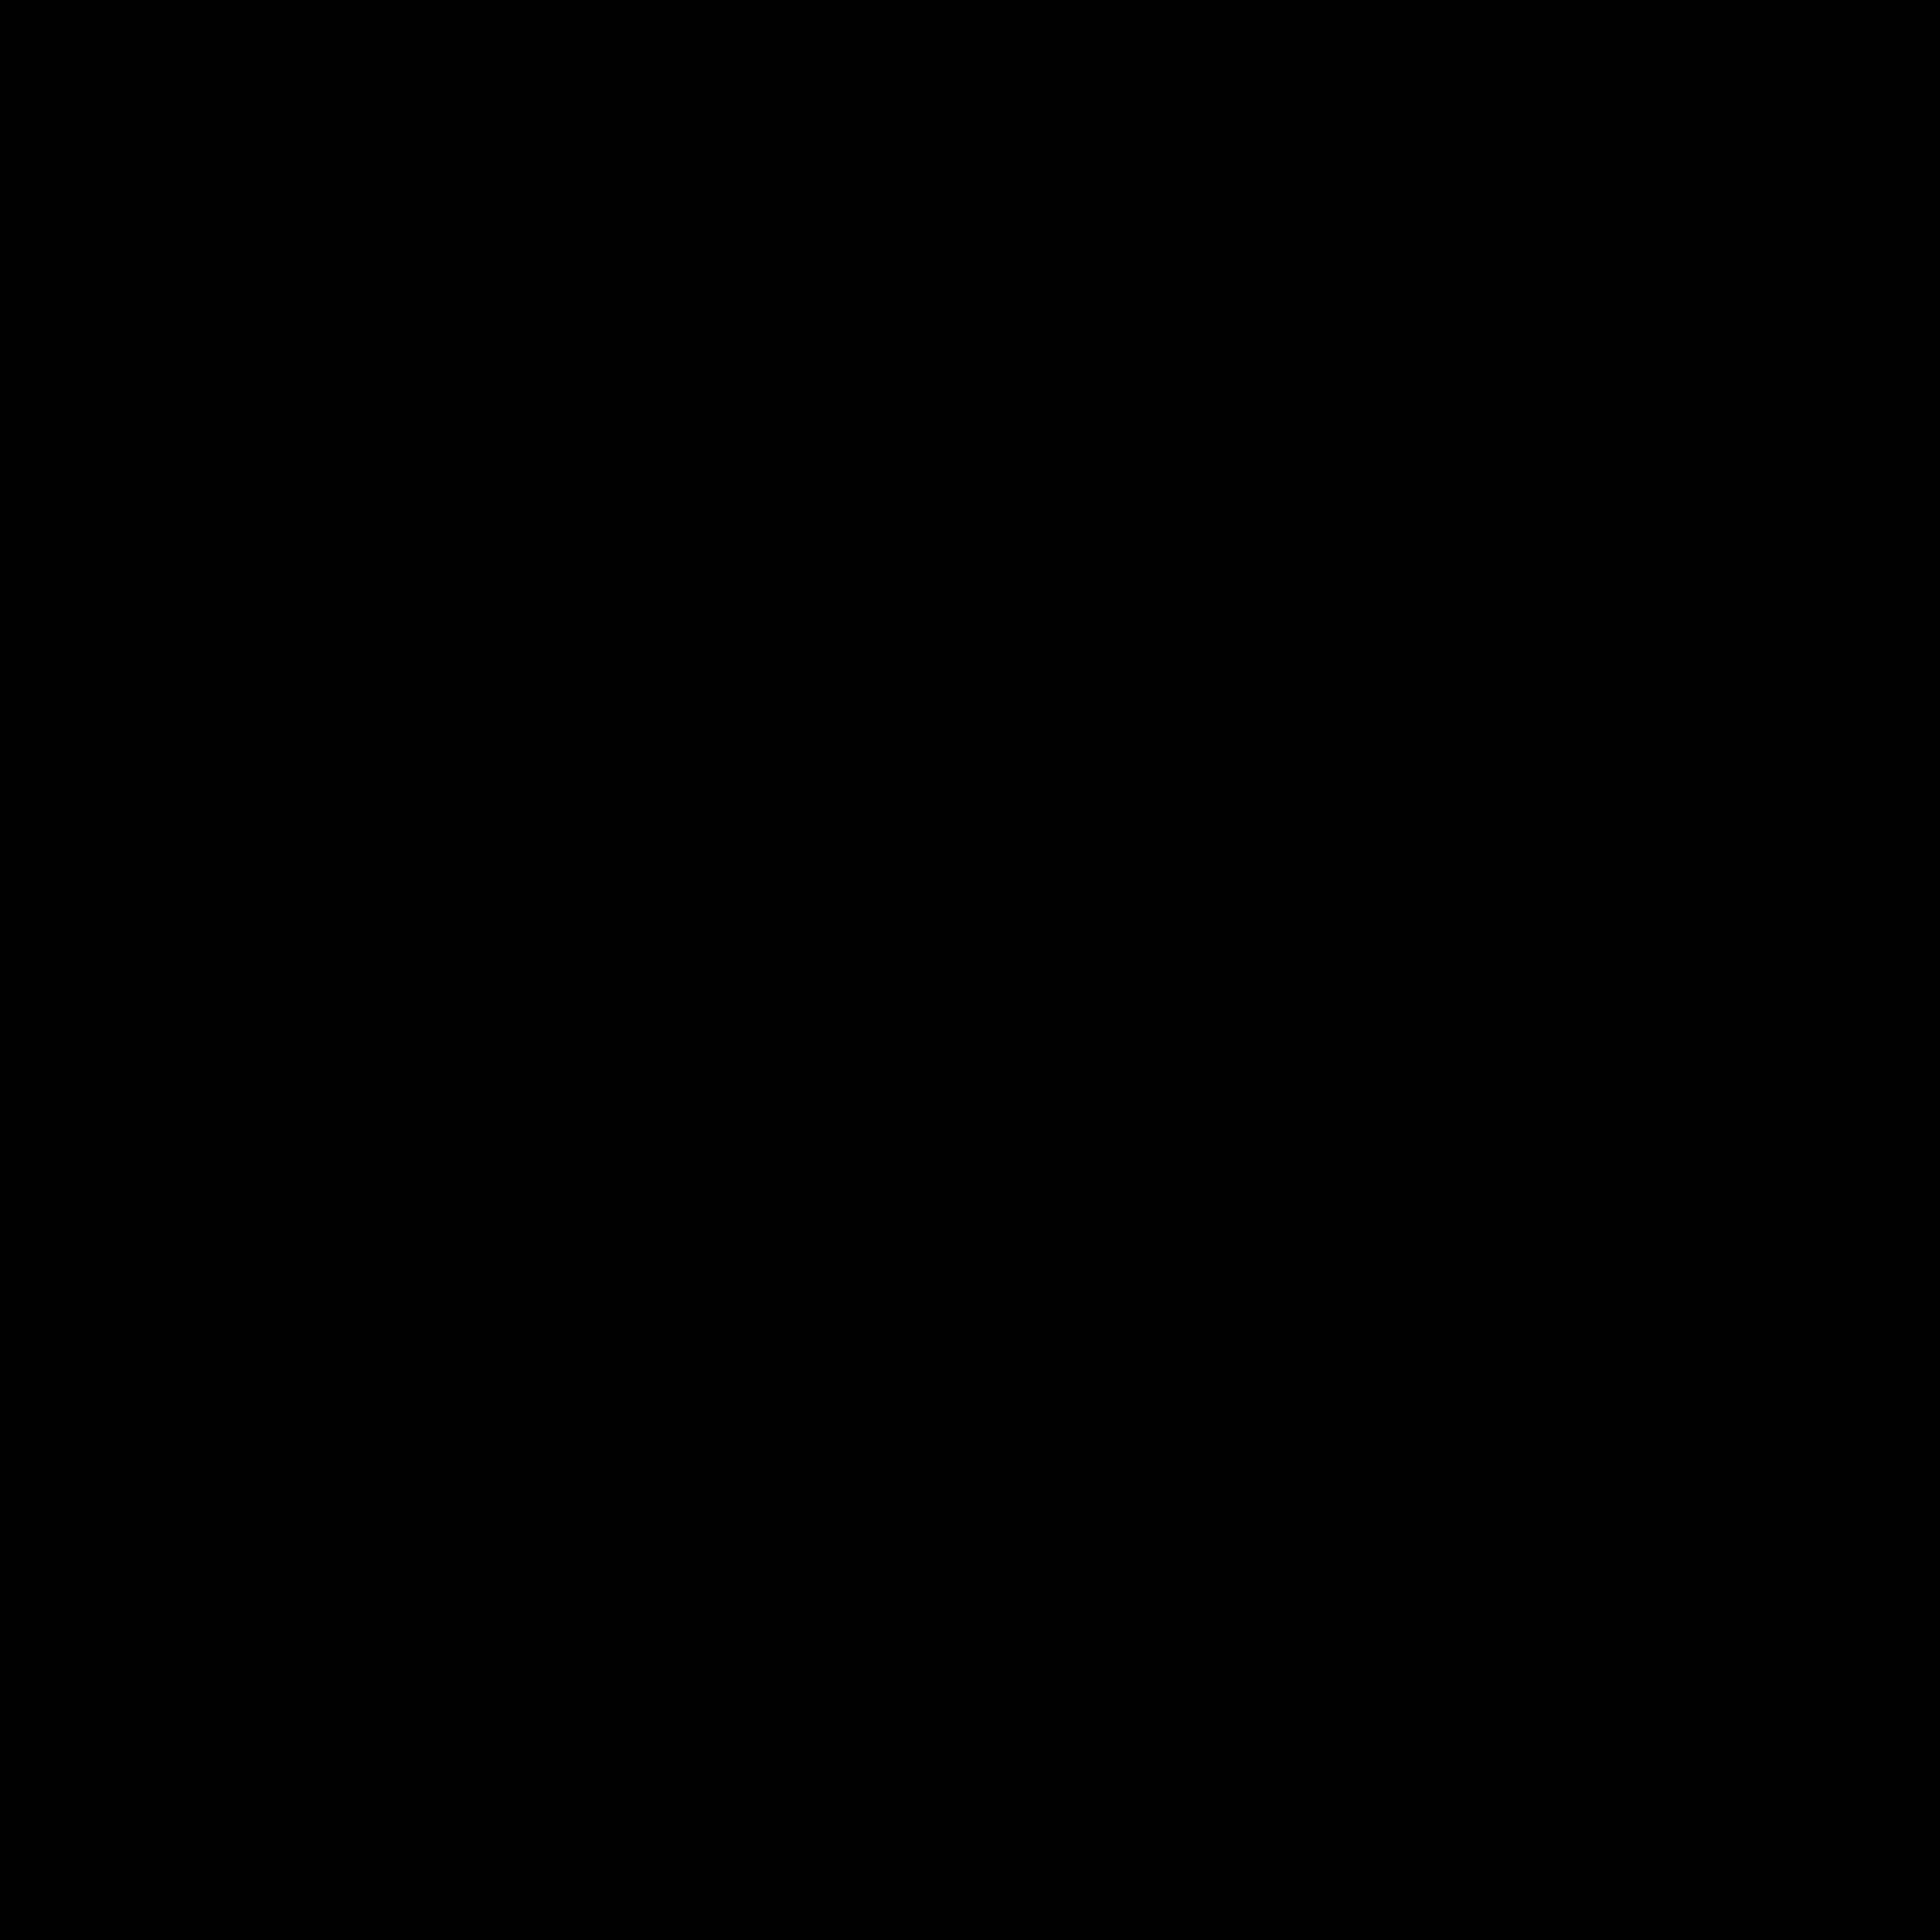 Martelito-10837